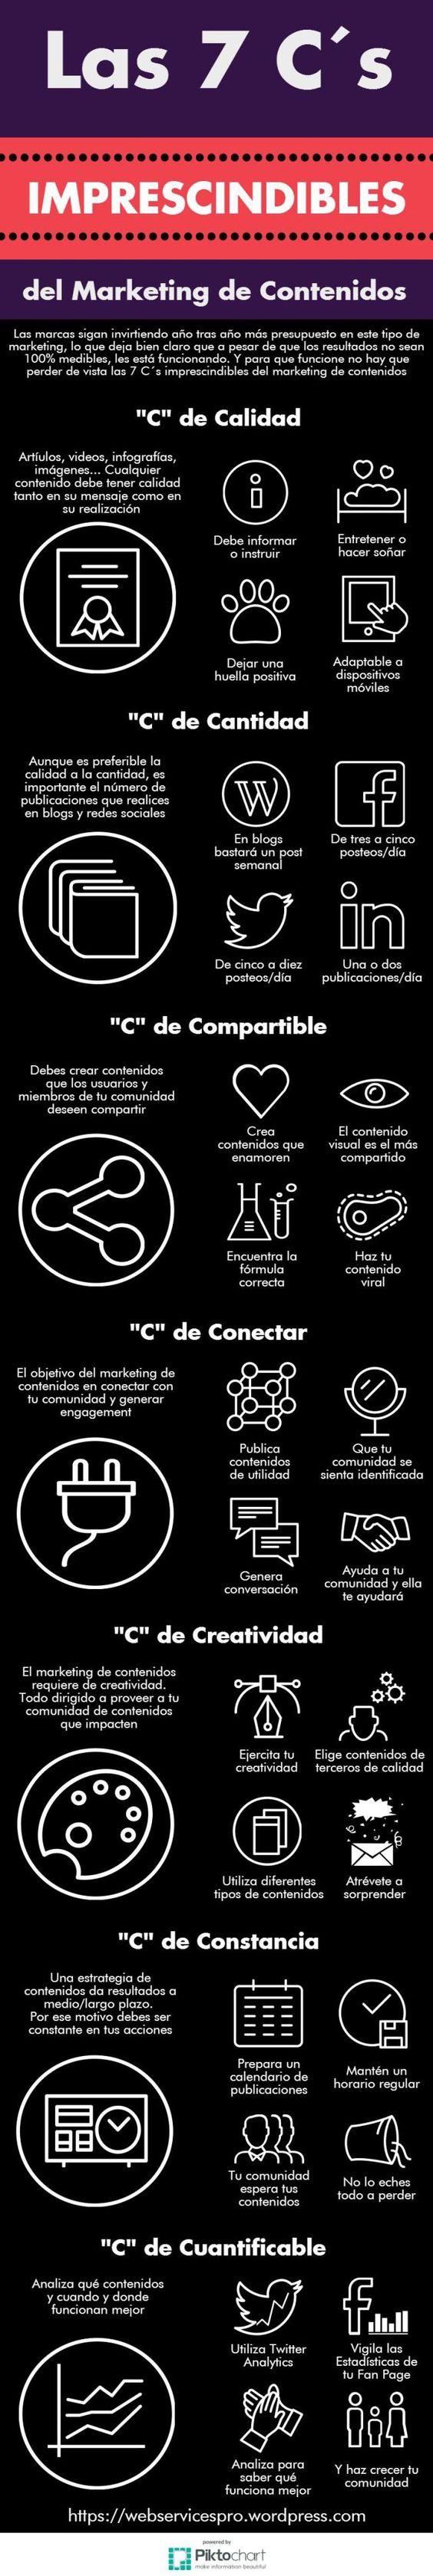 Las 7 características del Marketing de Contenidos [Infografía]